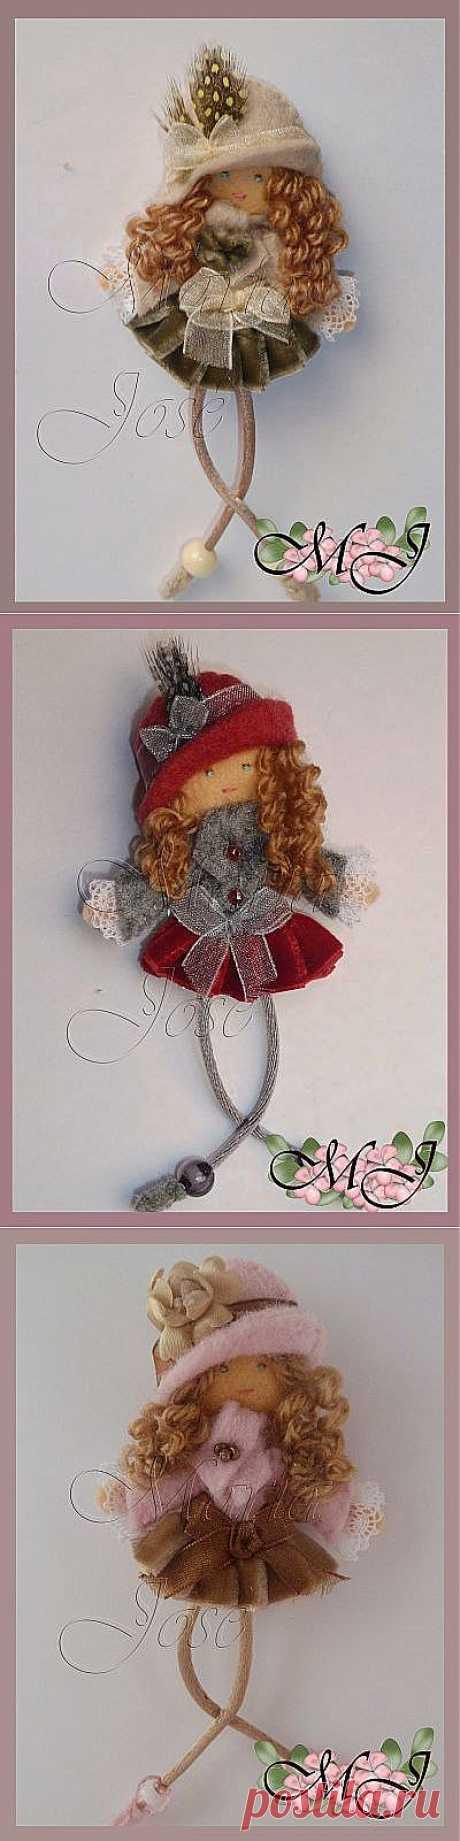 Маленькие фетровые куколки-брошки от Марии Хосе для вдохновения